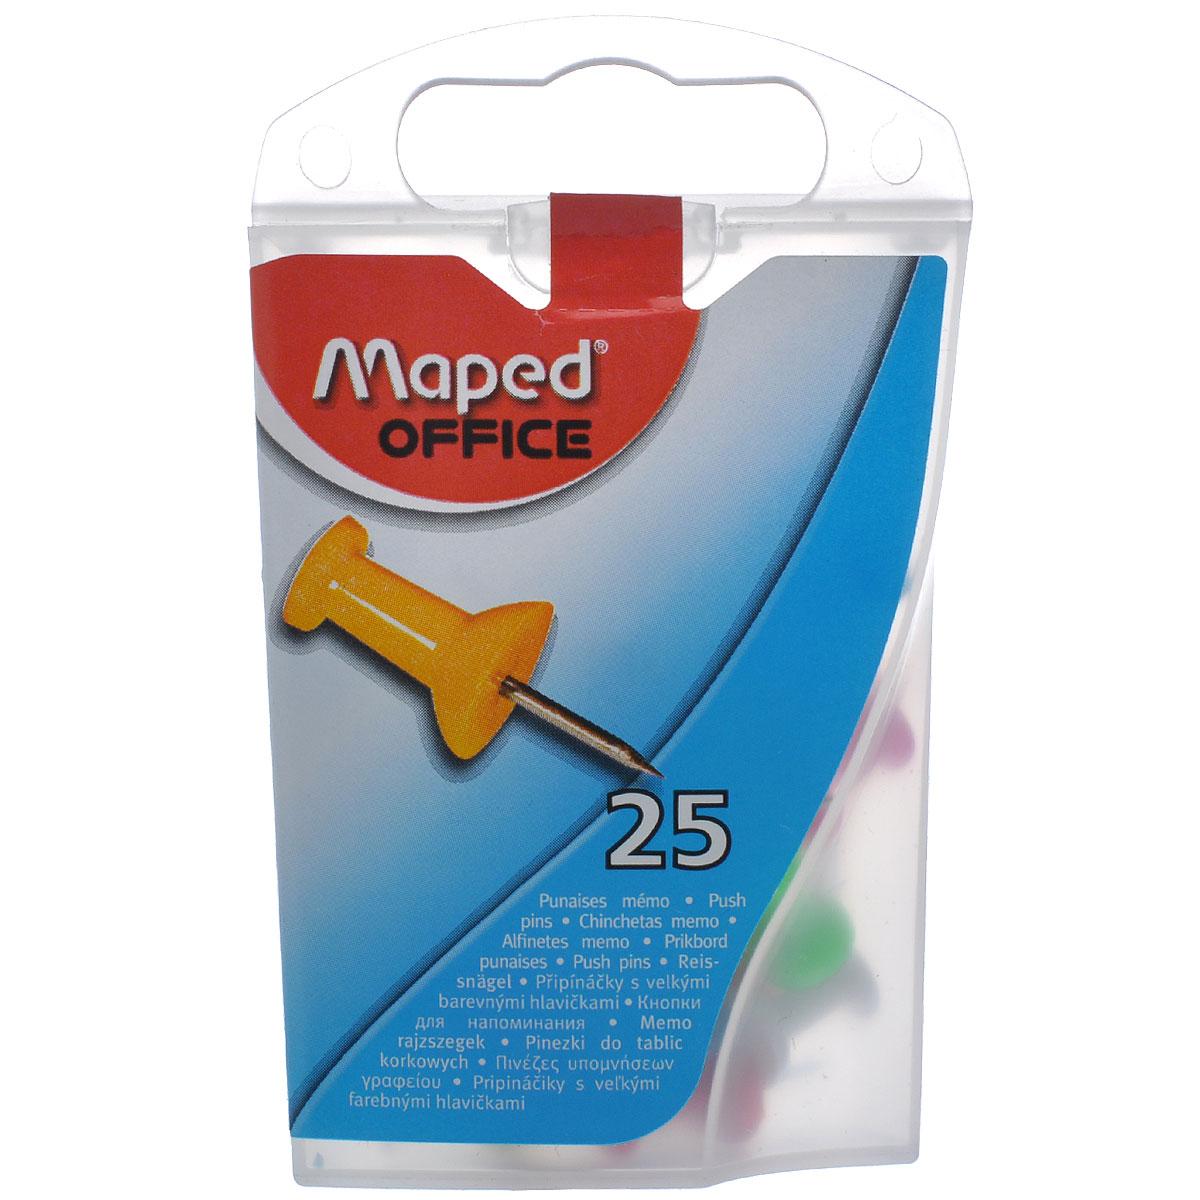 Кнопки-гвоздики канцелярские Maped, цветные, 25 штFS-00103Канцелярские кнопки-гвоздики Maped предназначены для крепления информации к пробковым досками и другим поверхностям, удобны для маркировки. Кнопки изготовлены из высококачественного металла с удобными цветными держателями и упакованы в пластиковую коробку с европодвесом. В наборе 25 кнопок-гвоздиков с держателями желтого, красного, белого, розового и голубого цветов.Цветные канцелярские кнопки Maped разбавят строгую офисную обстановку яркими цветами и поднимут настроение. Характеристики:Материал: пластик, металл. Размер кнопки (ДхШхВ): 2,3 см х 0,8 см х 0,8 см. Количество: 25 шт. Размер упаковки (ДхШхВ): 9 см х 5,5 см х 2,5 см.